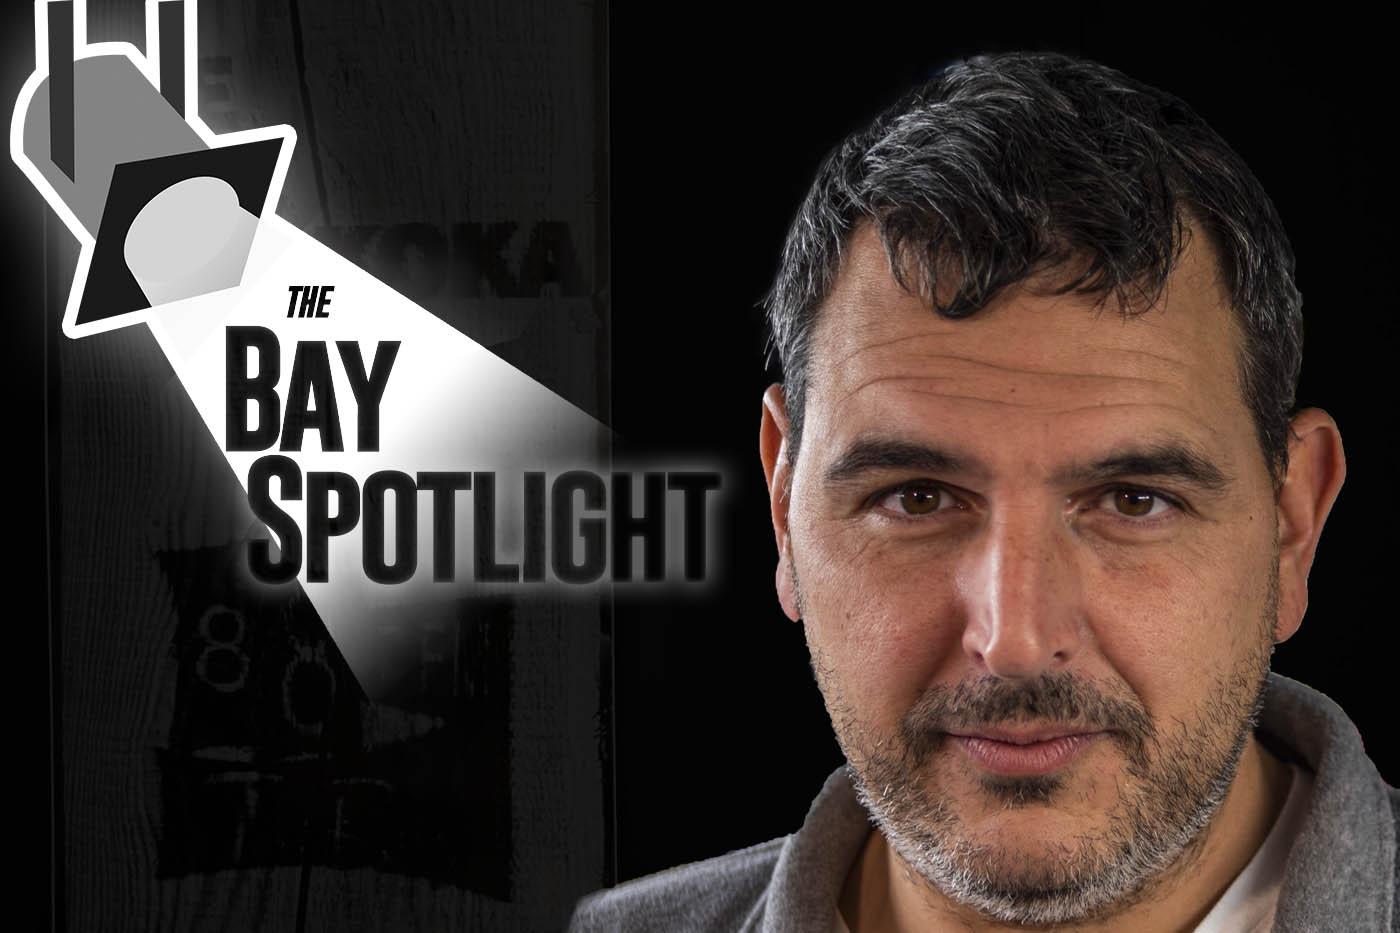 The Bay Spotlight